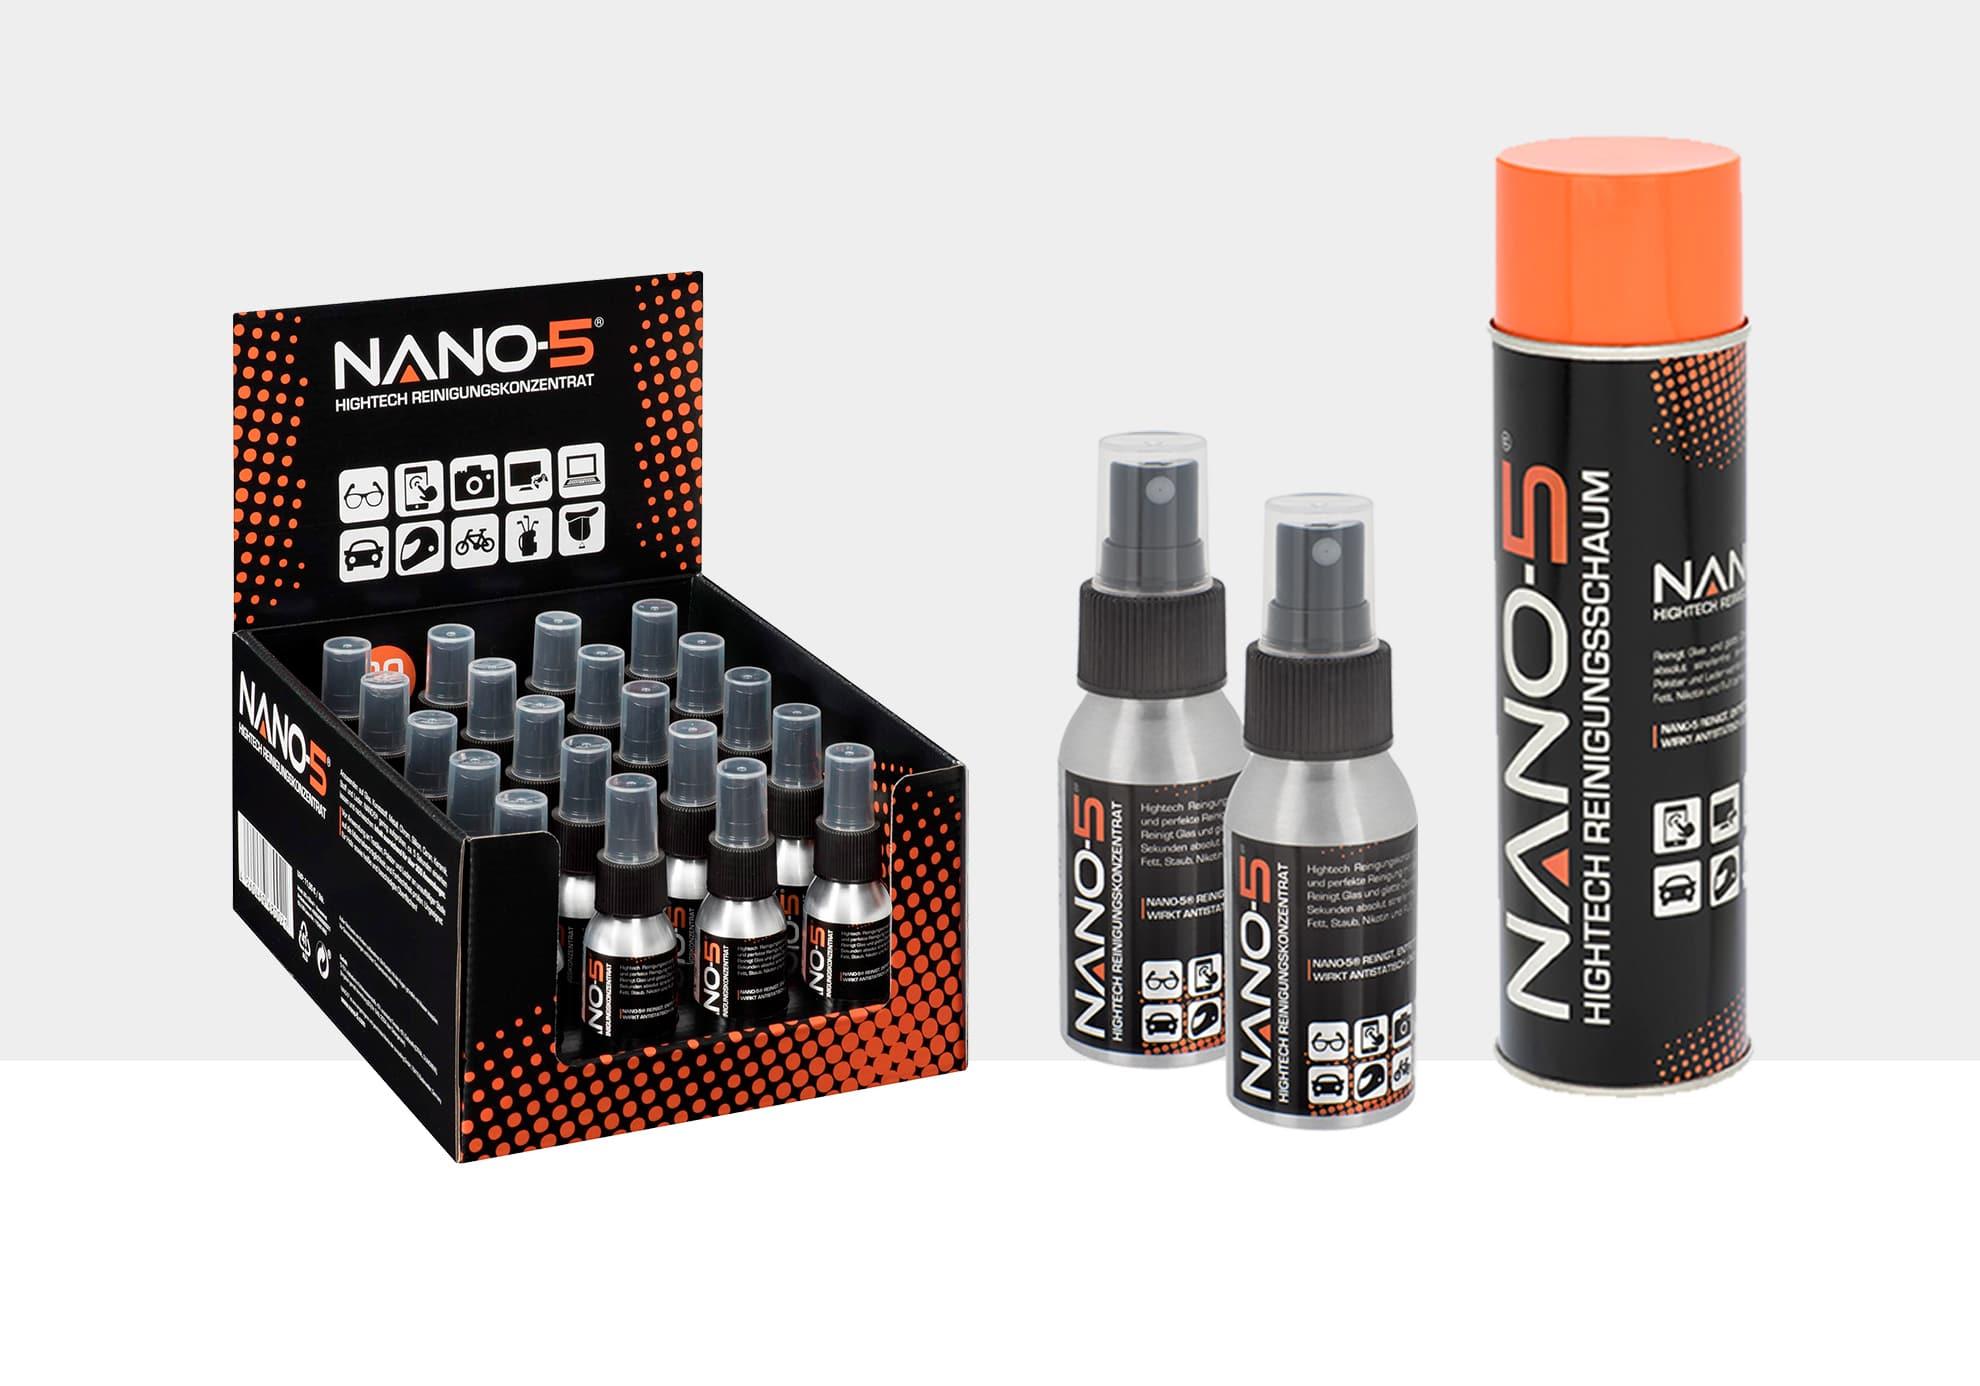 Produkt- & Verpackungsdesignfür Nano-5